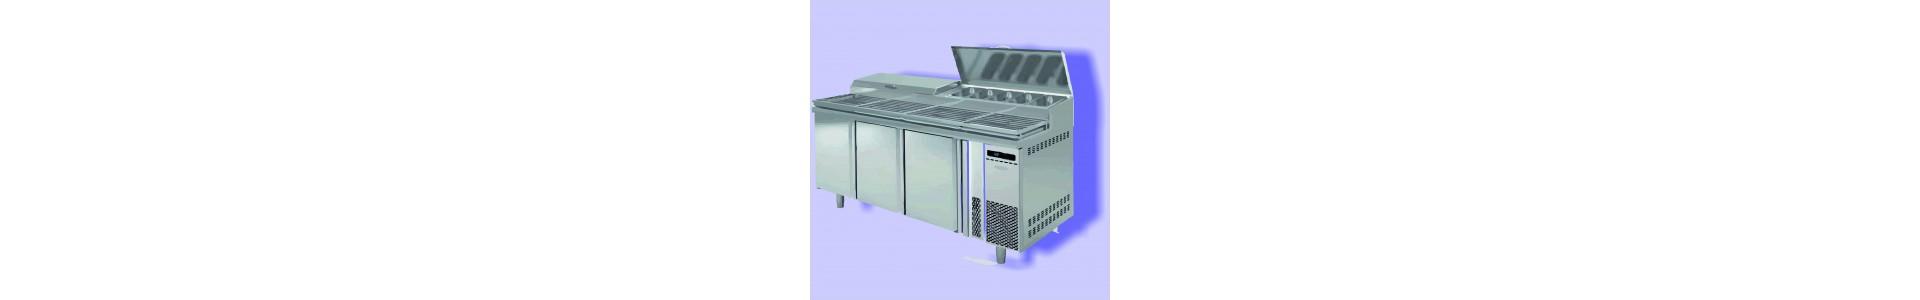 Mesa Refrigerada Preparaciones